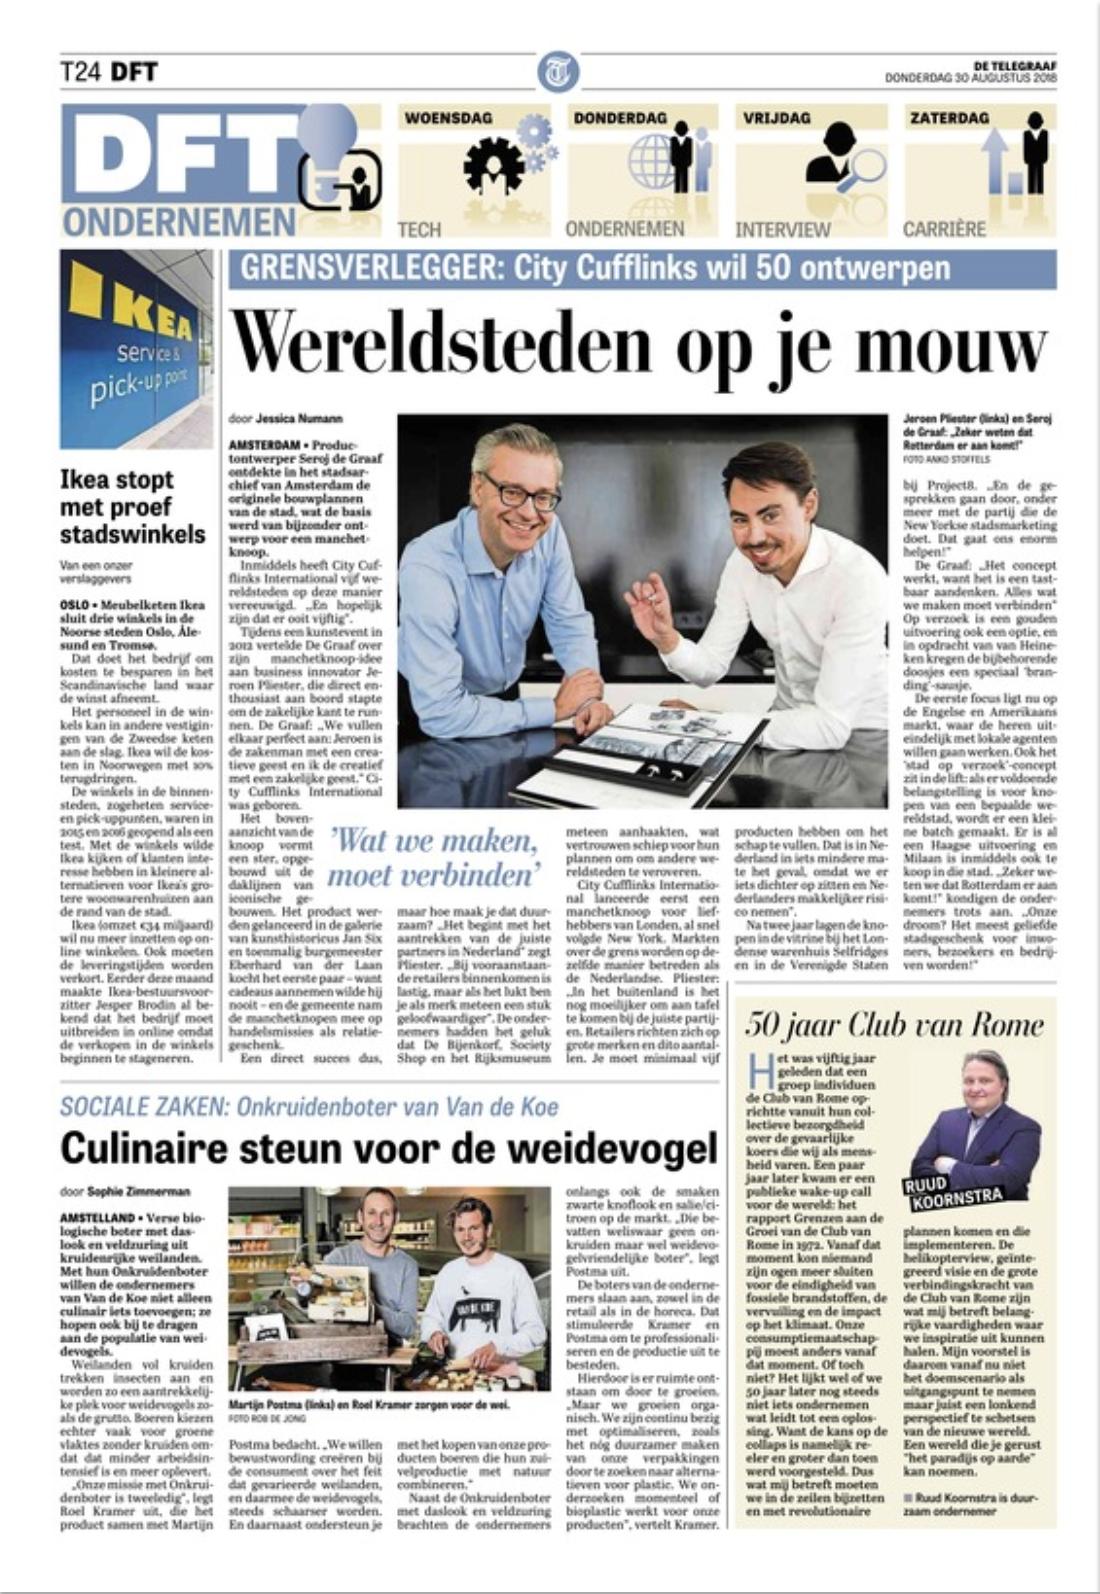 2018-08 De Financiele Telegraaf.png